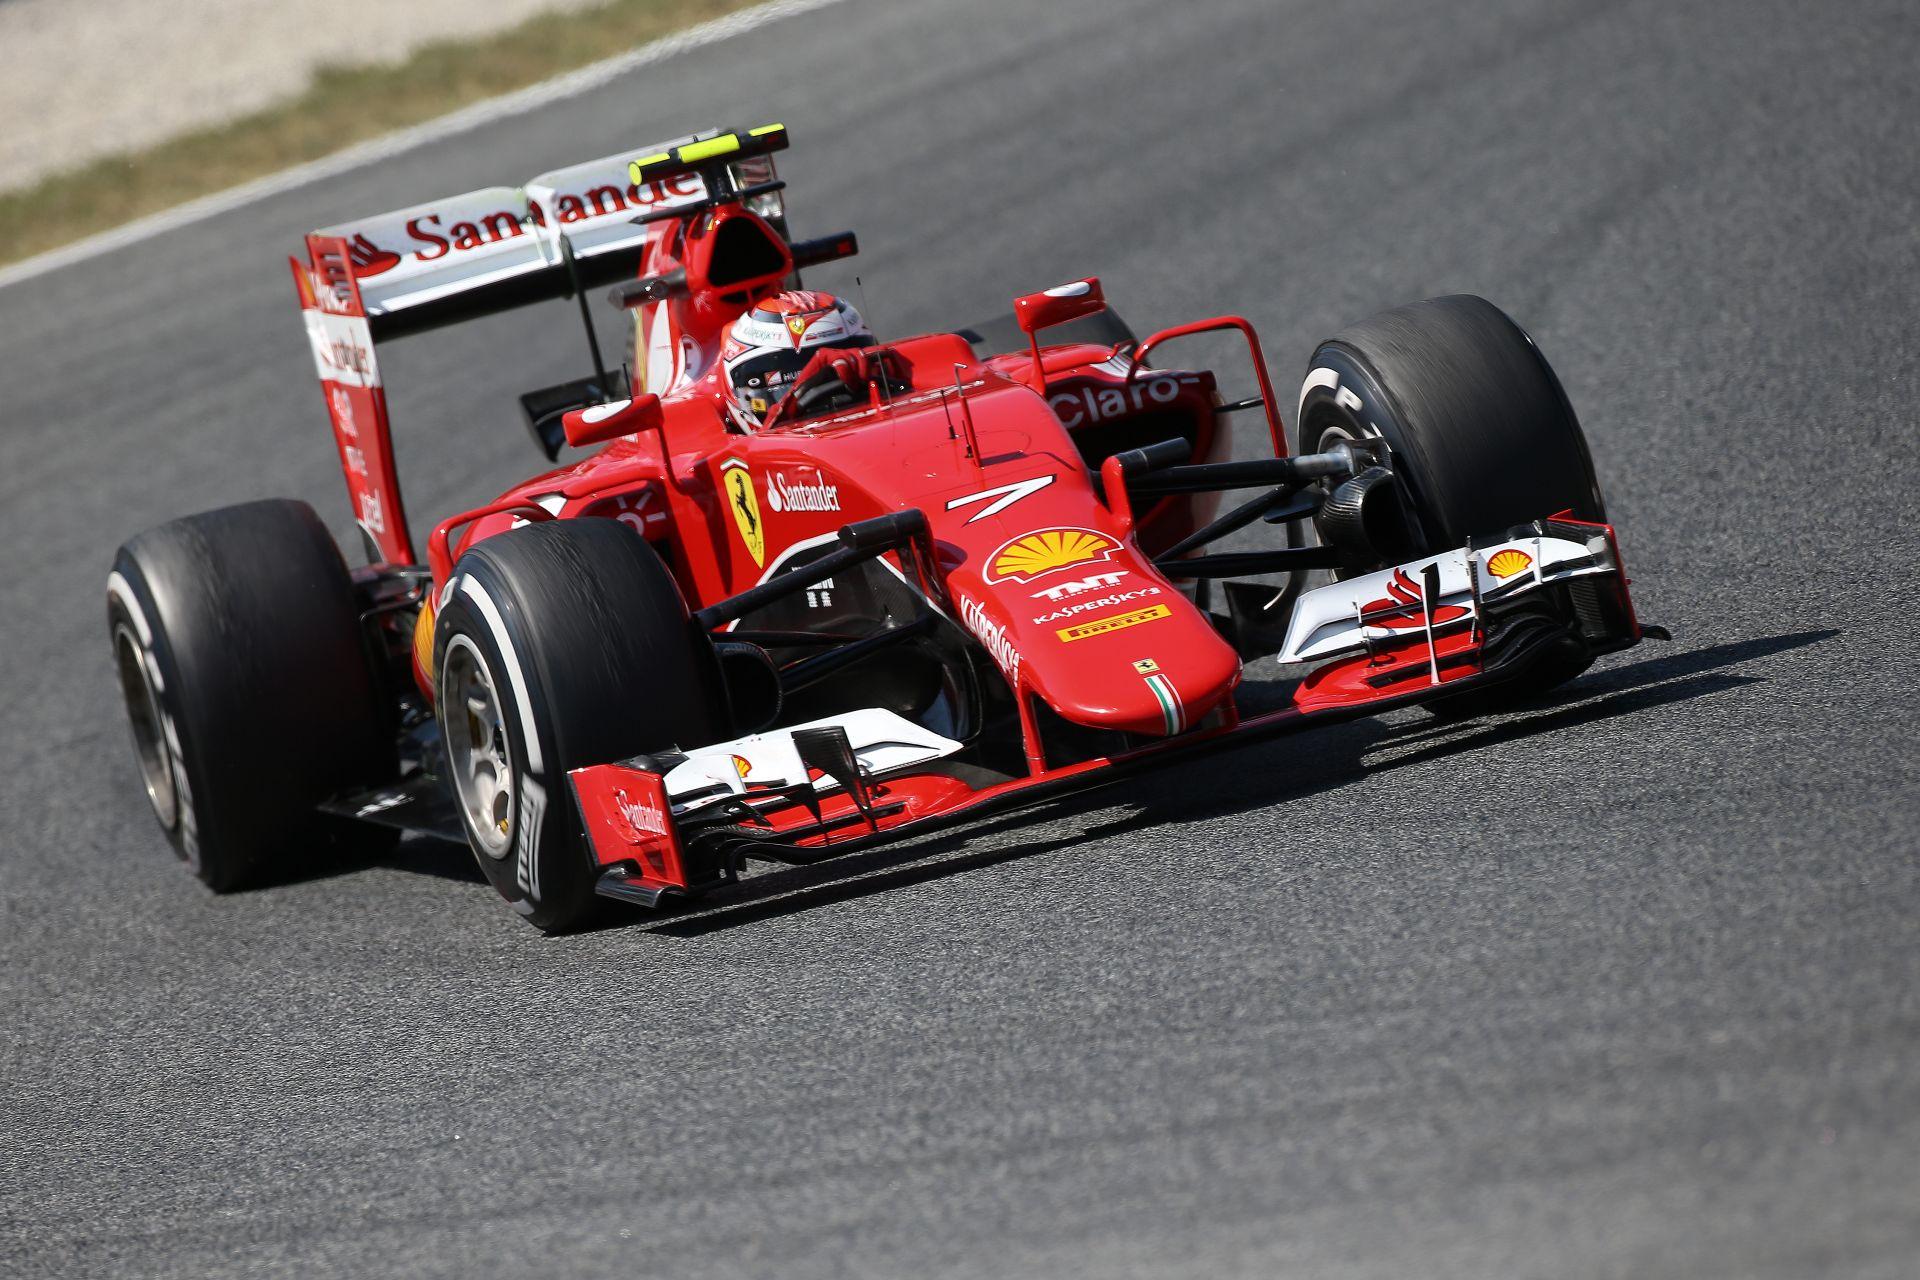 Még a téli tesztek előtt pályára gurul a 2016-os Ferrari és Haas!